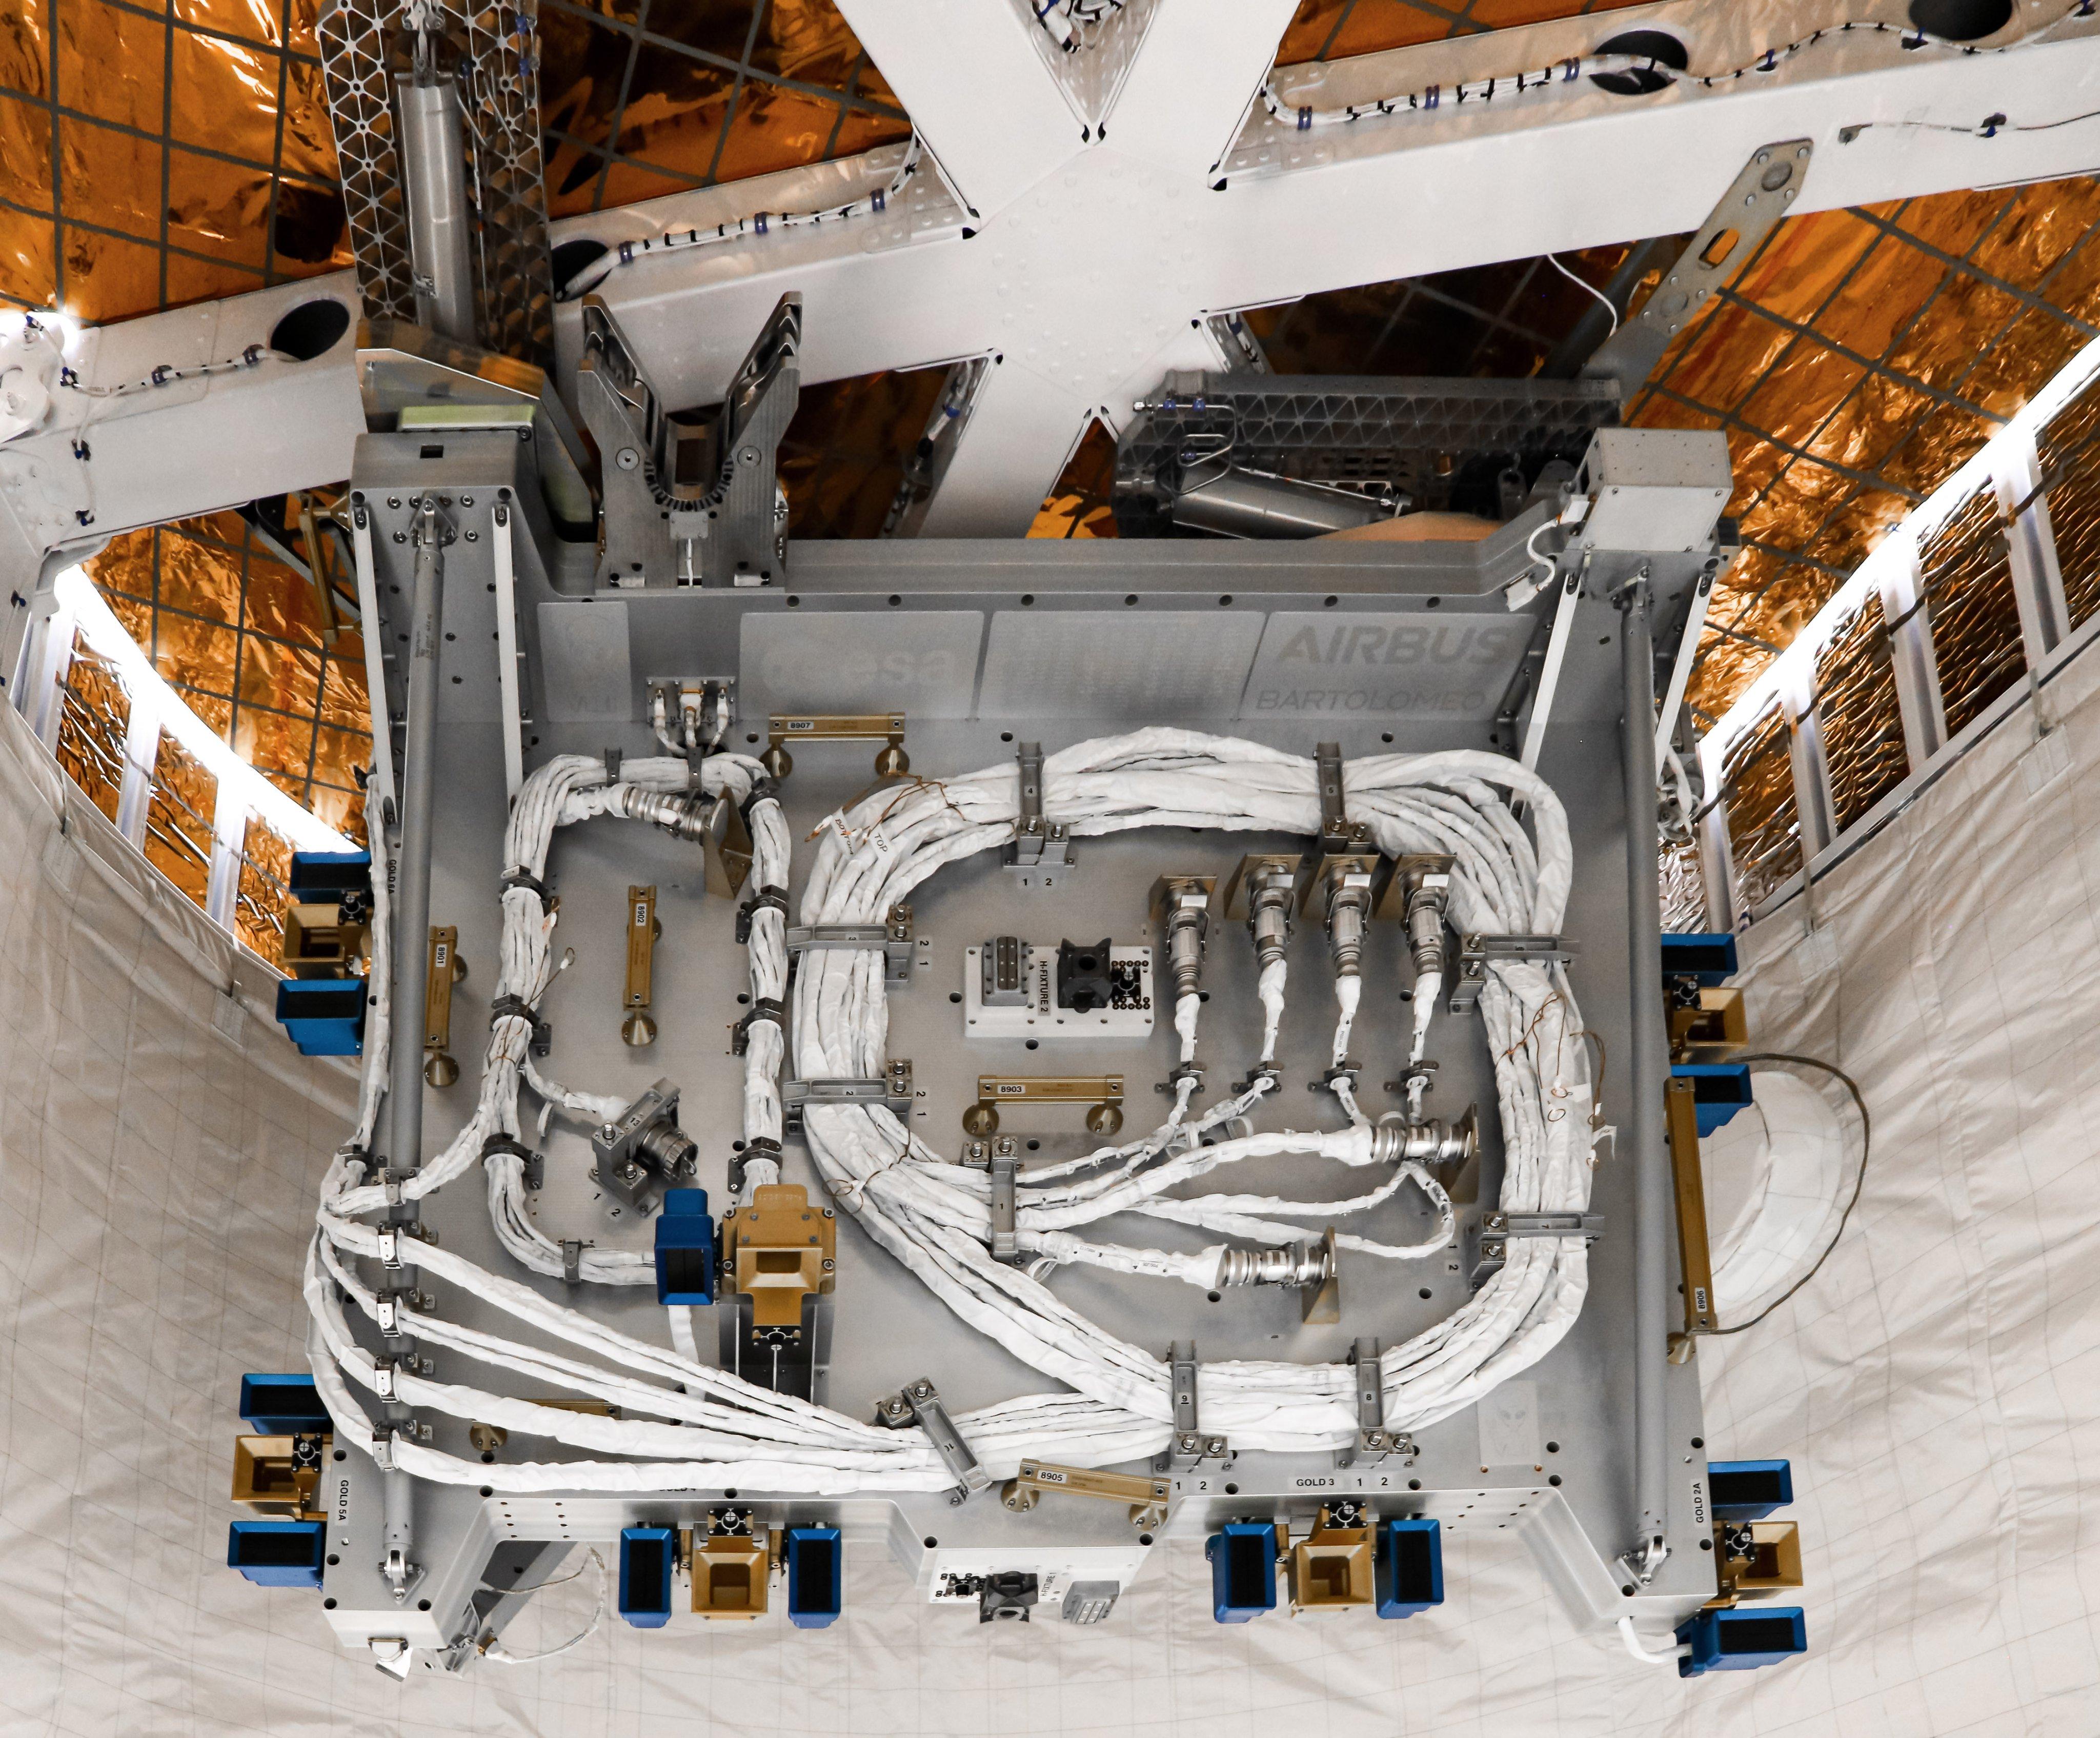 Platforma Bartolomeo umieszczona w statku Dragon 1 (Źródło: Airbus Space)